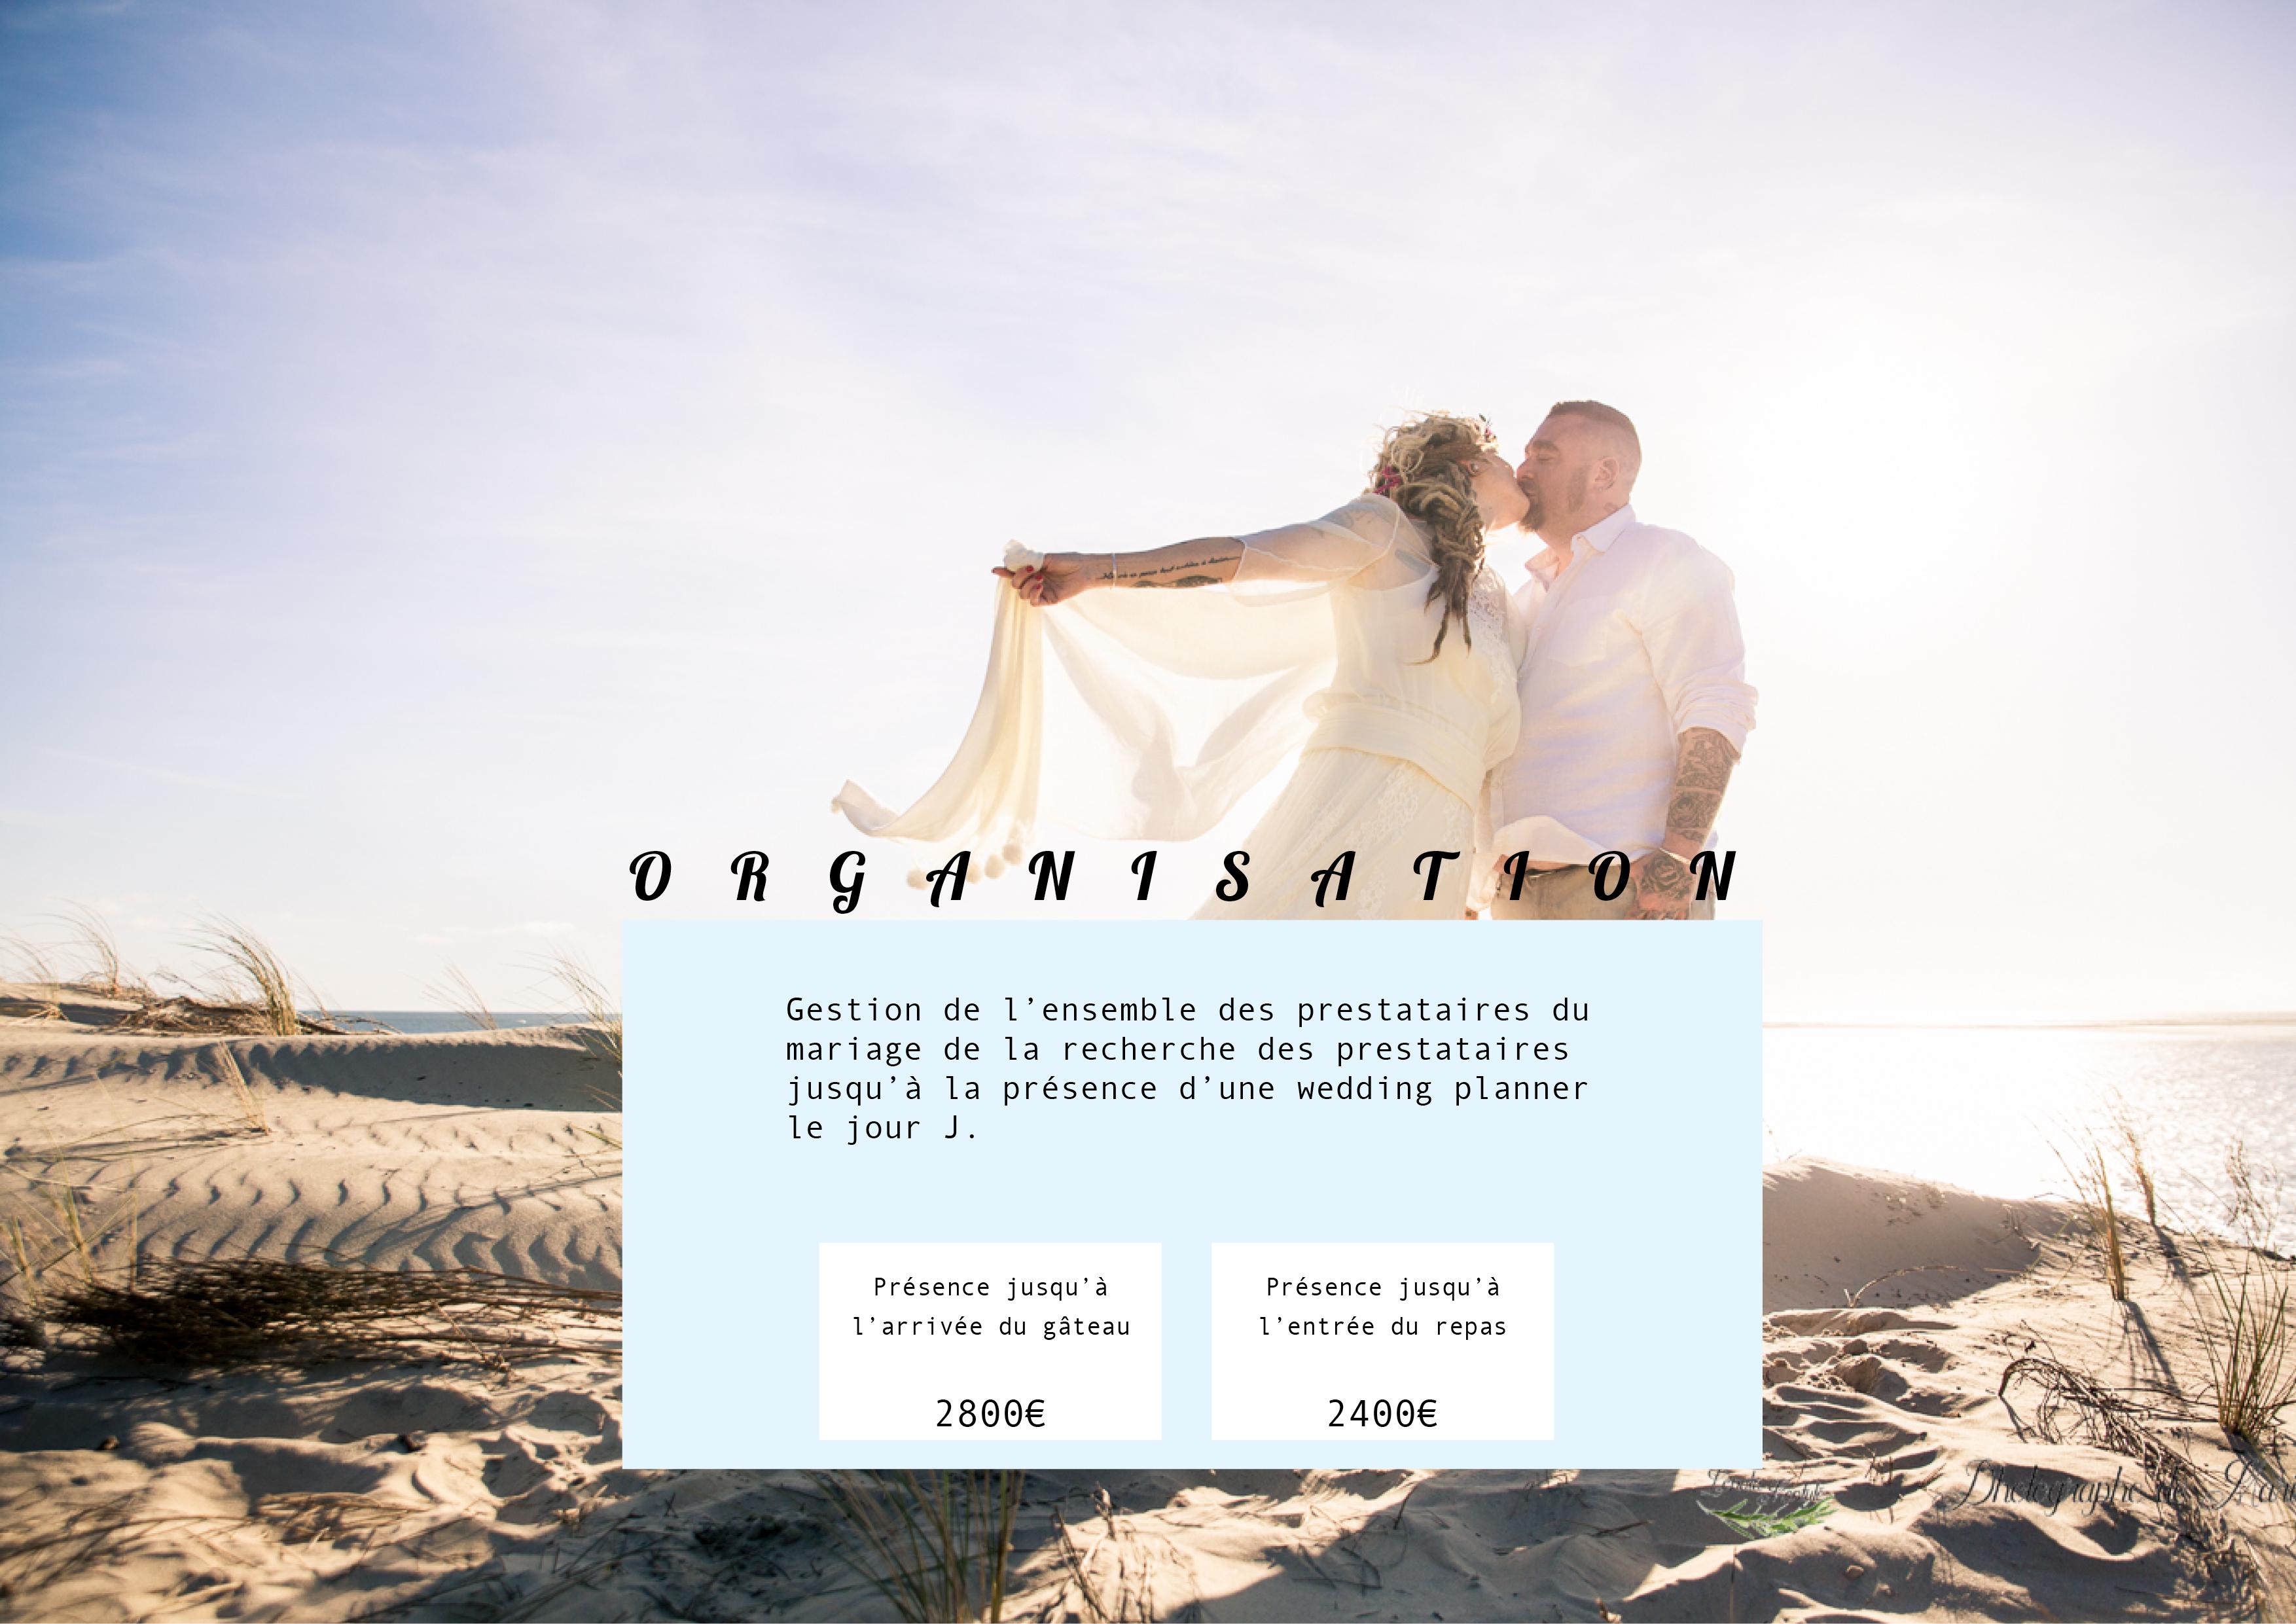 Décoration et organisation de mariage à Lyon, Saint Etienne, Roanne